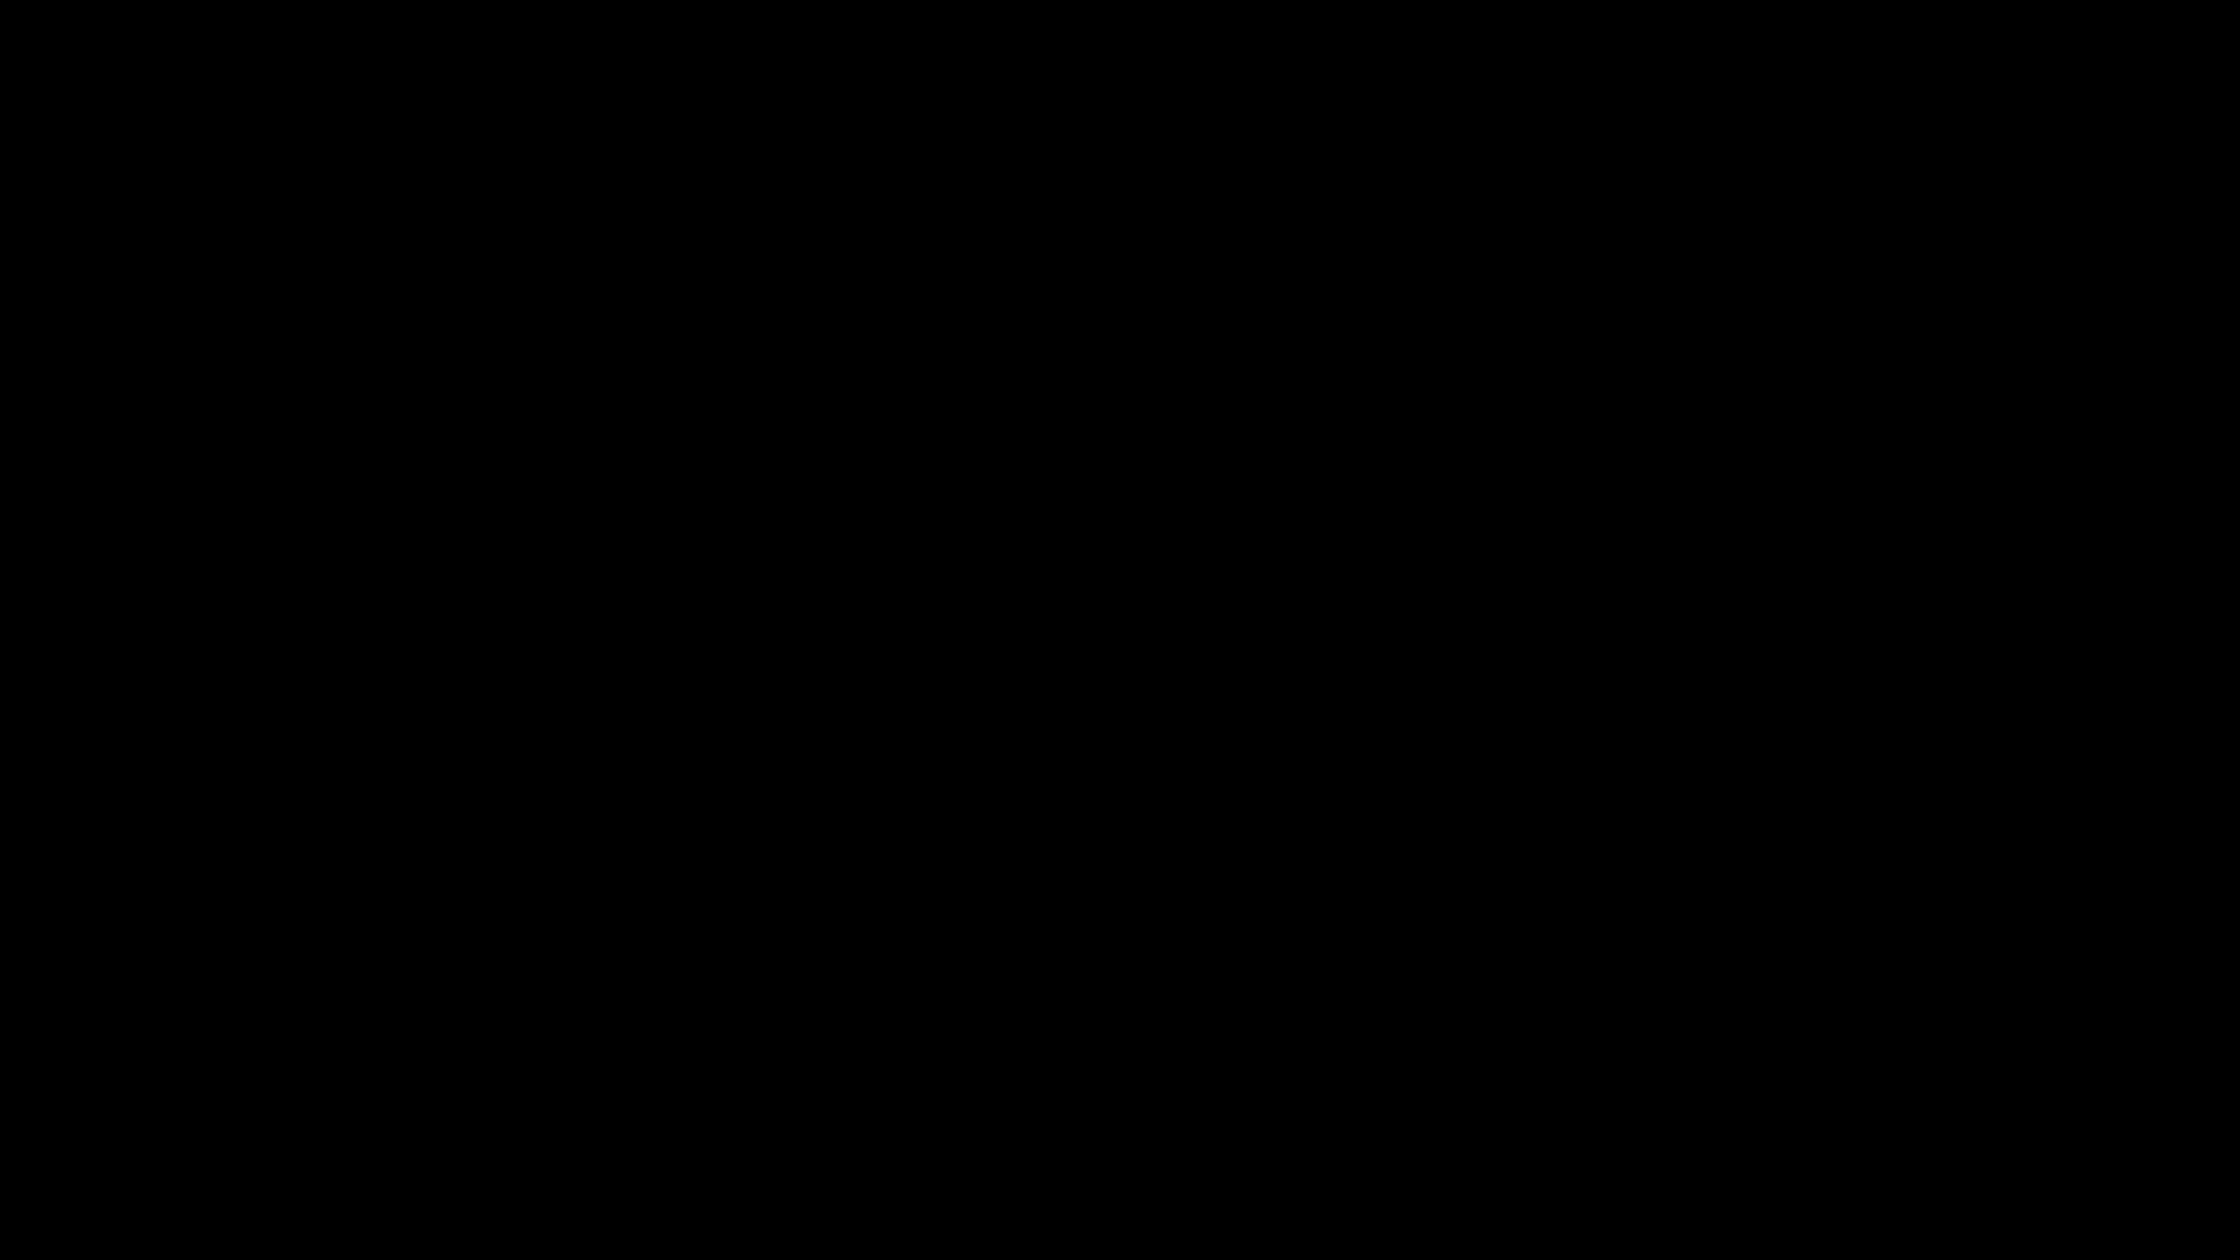 SIRIO, la pérgola con tejido enrollable de líneas esenciales